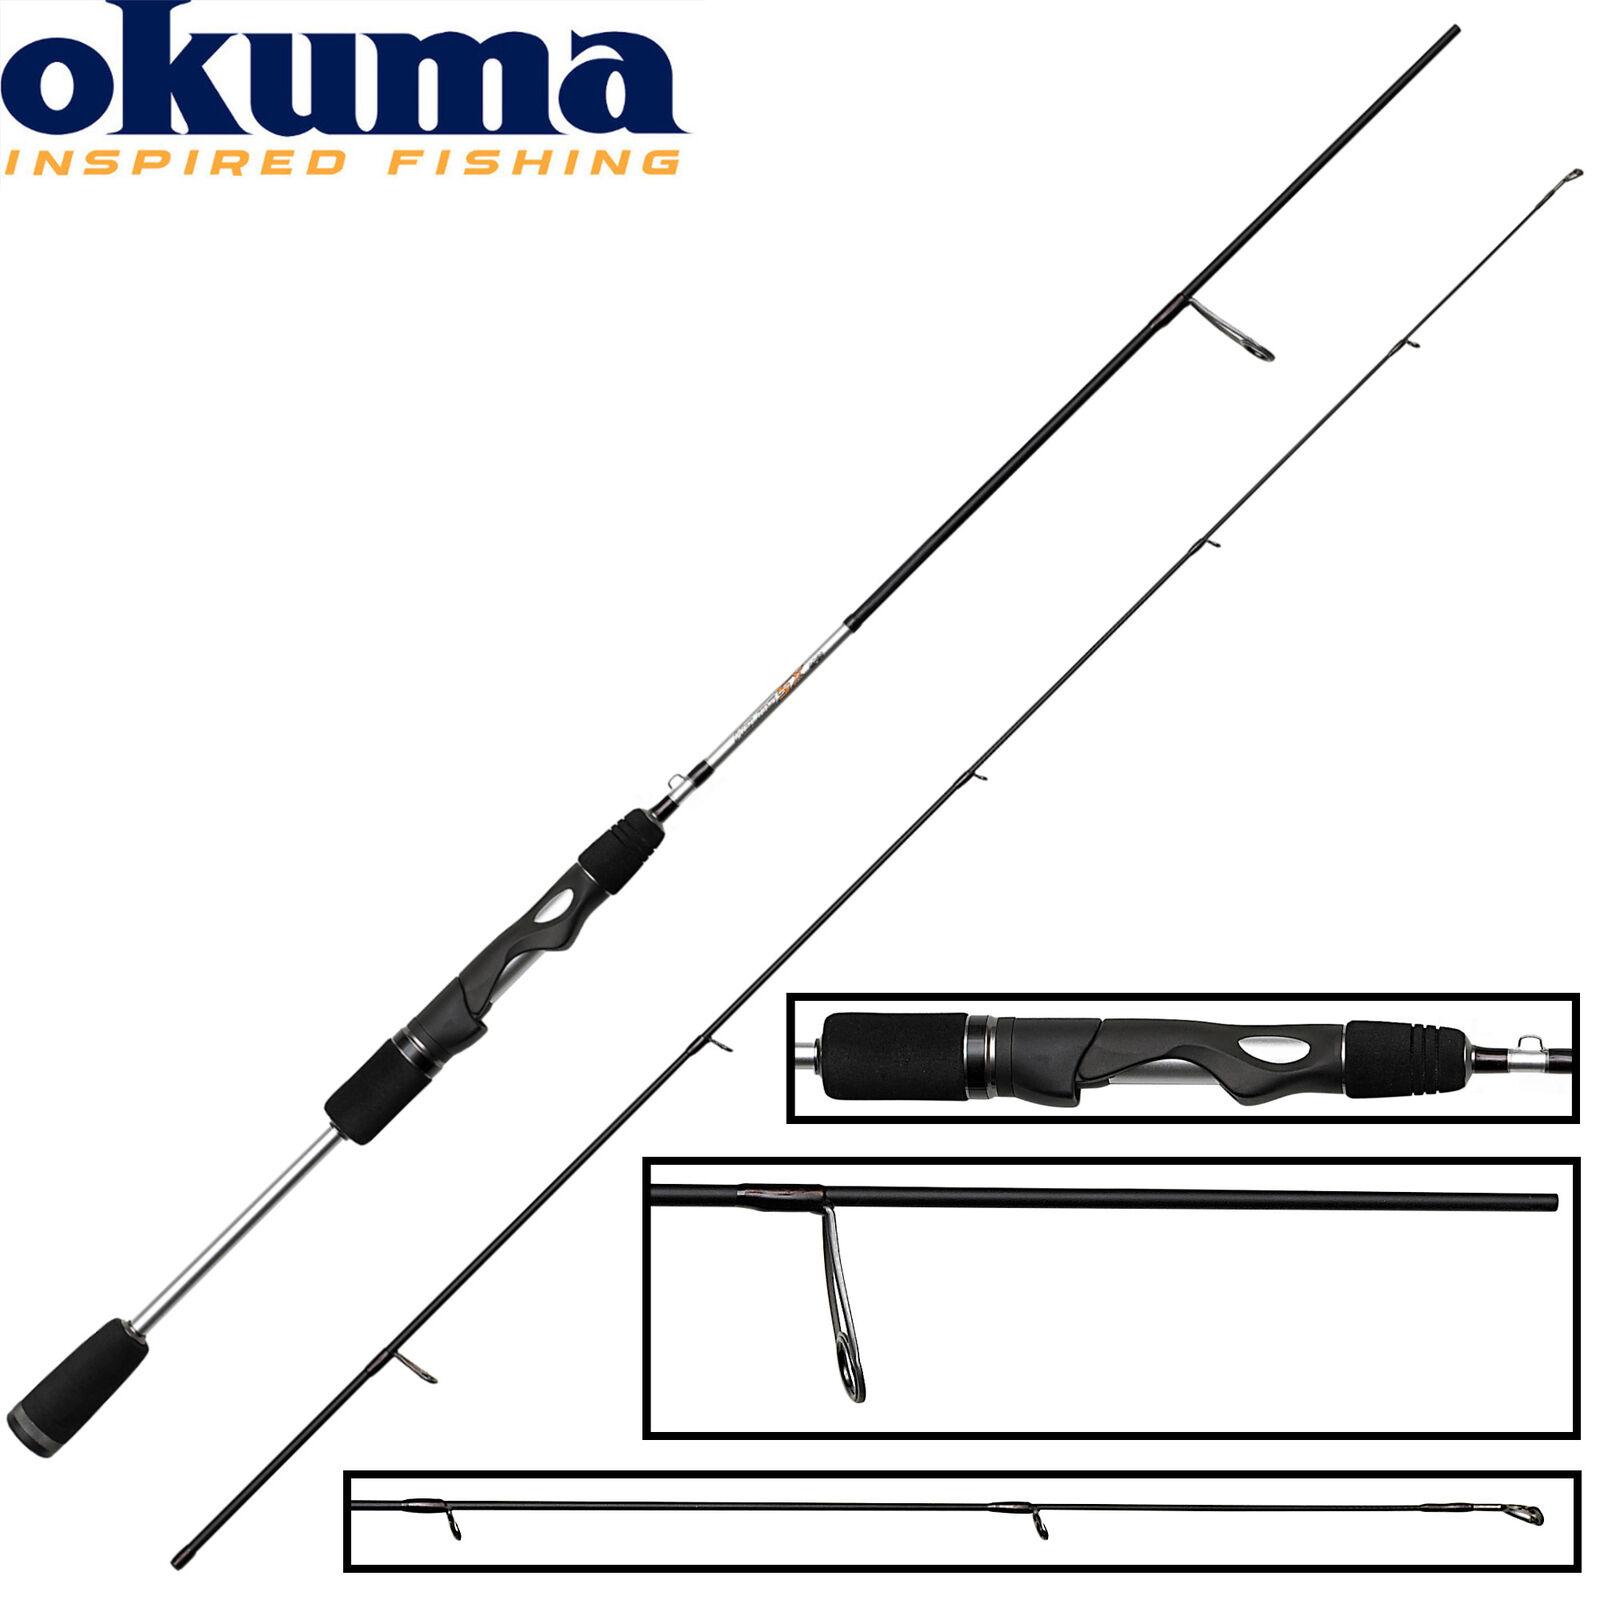 Okuma Helios SX Spinnrute 2,28m 20-50g Angelrute für Zander, Raubfischrute